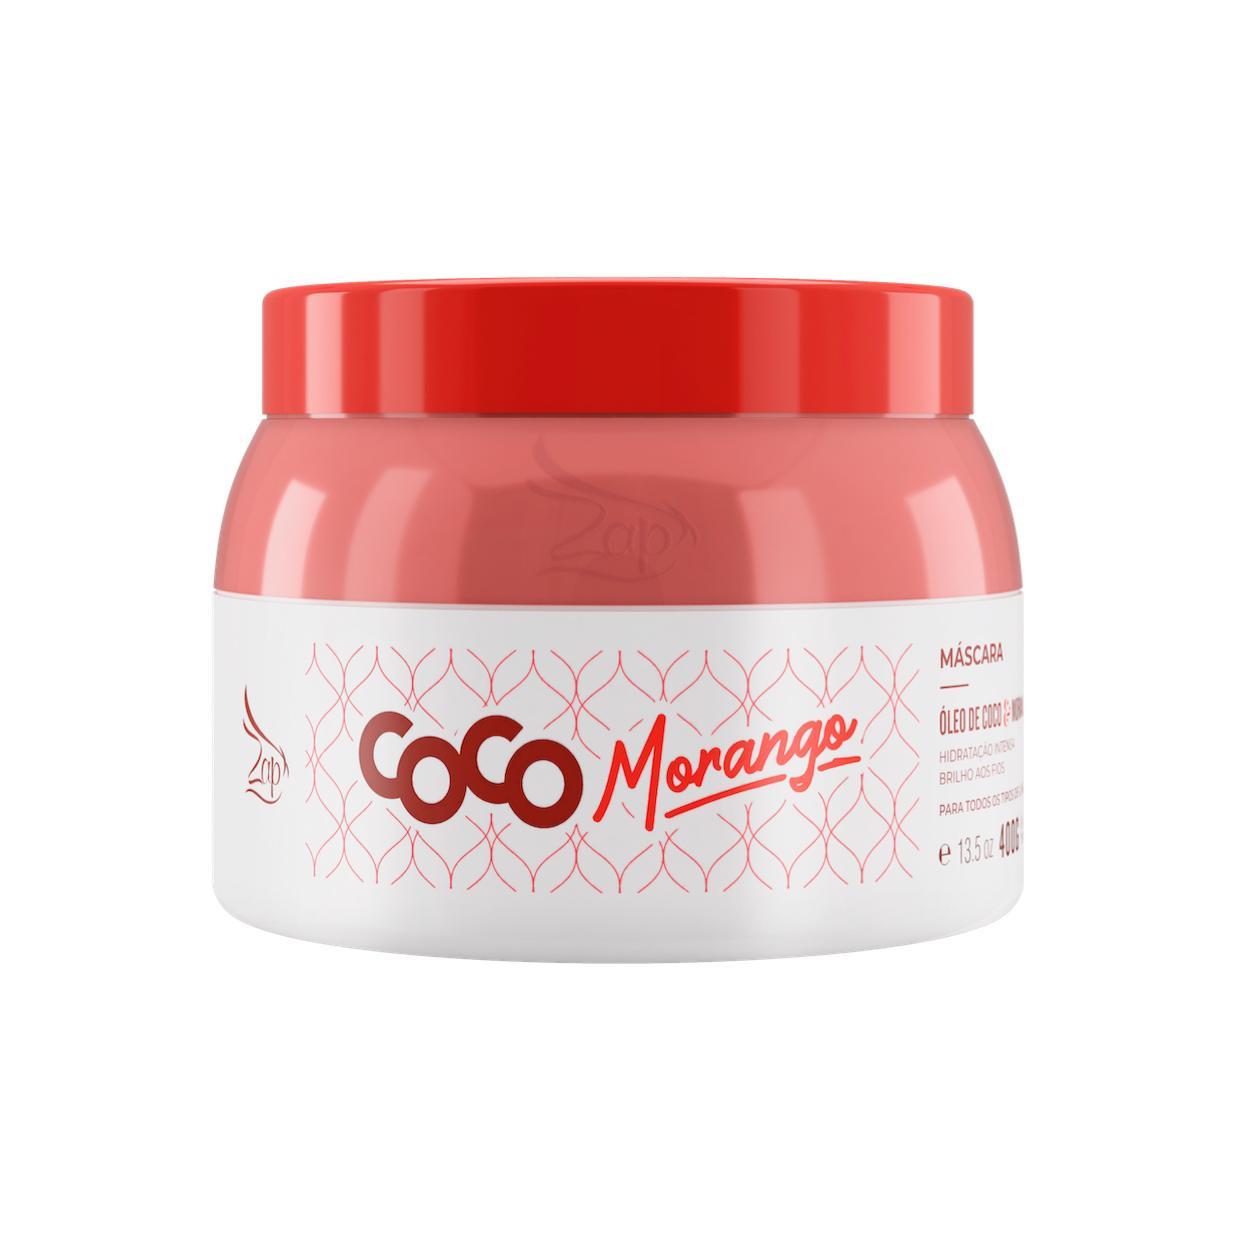 Zap Máscara Coco Morango Manutenção 400g Lançamento